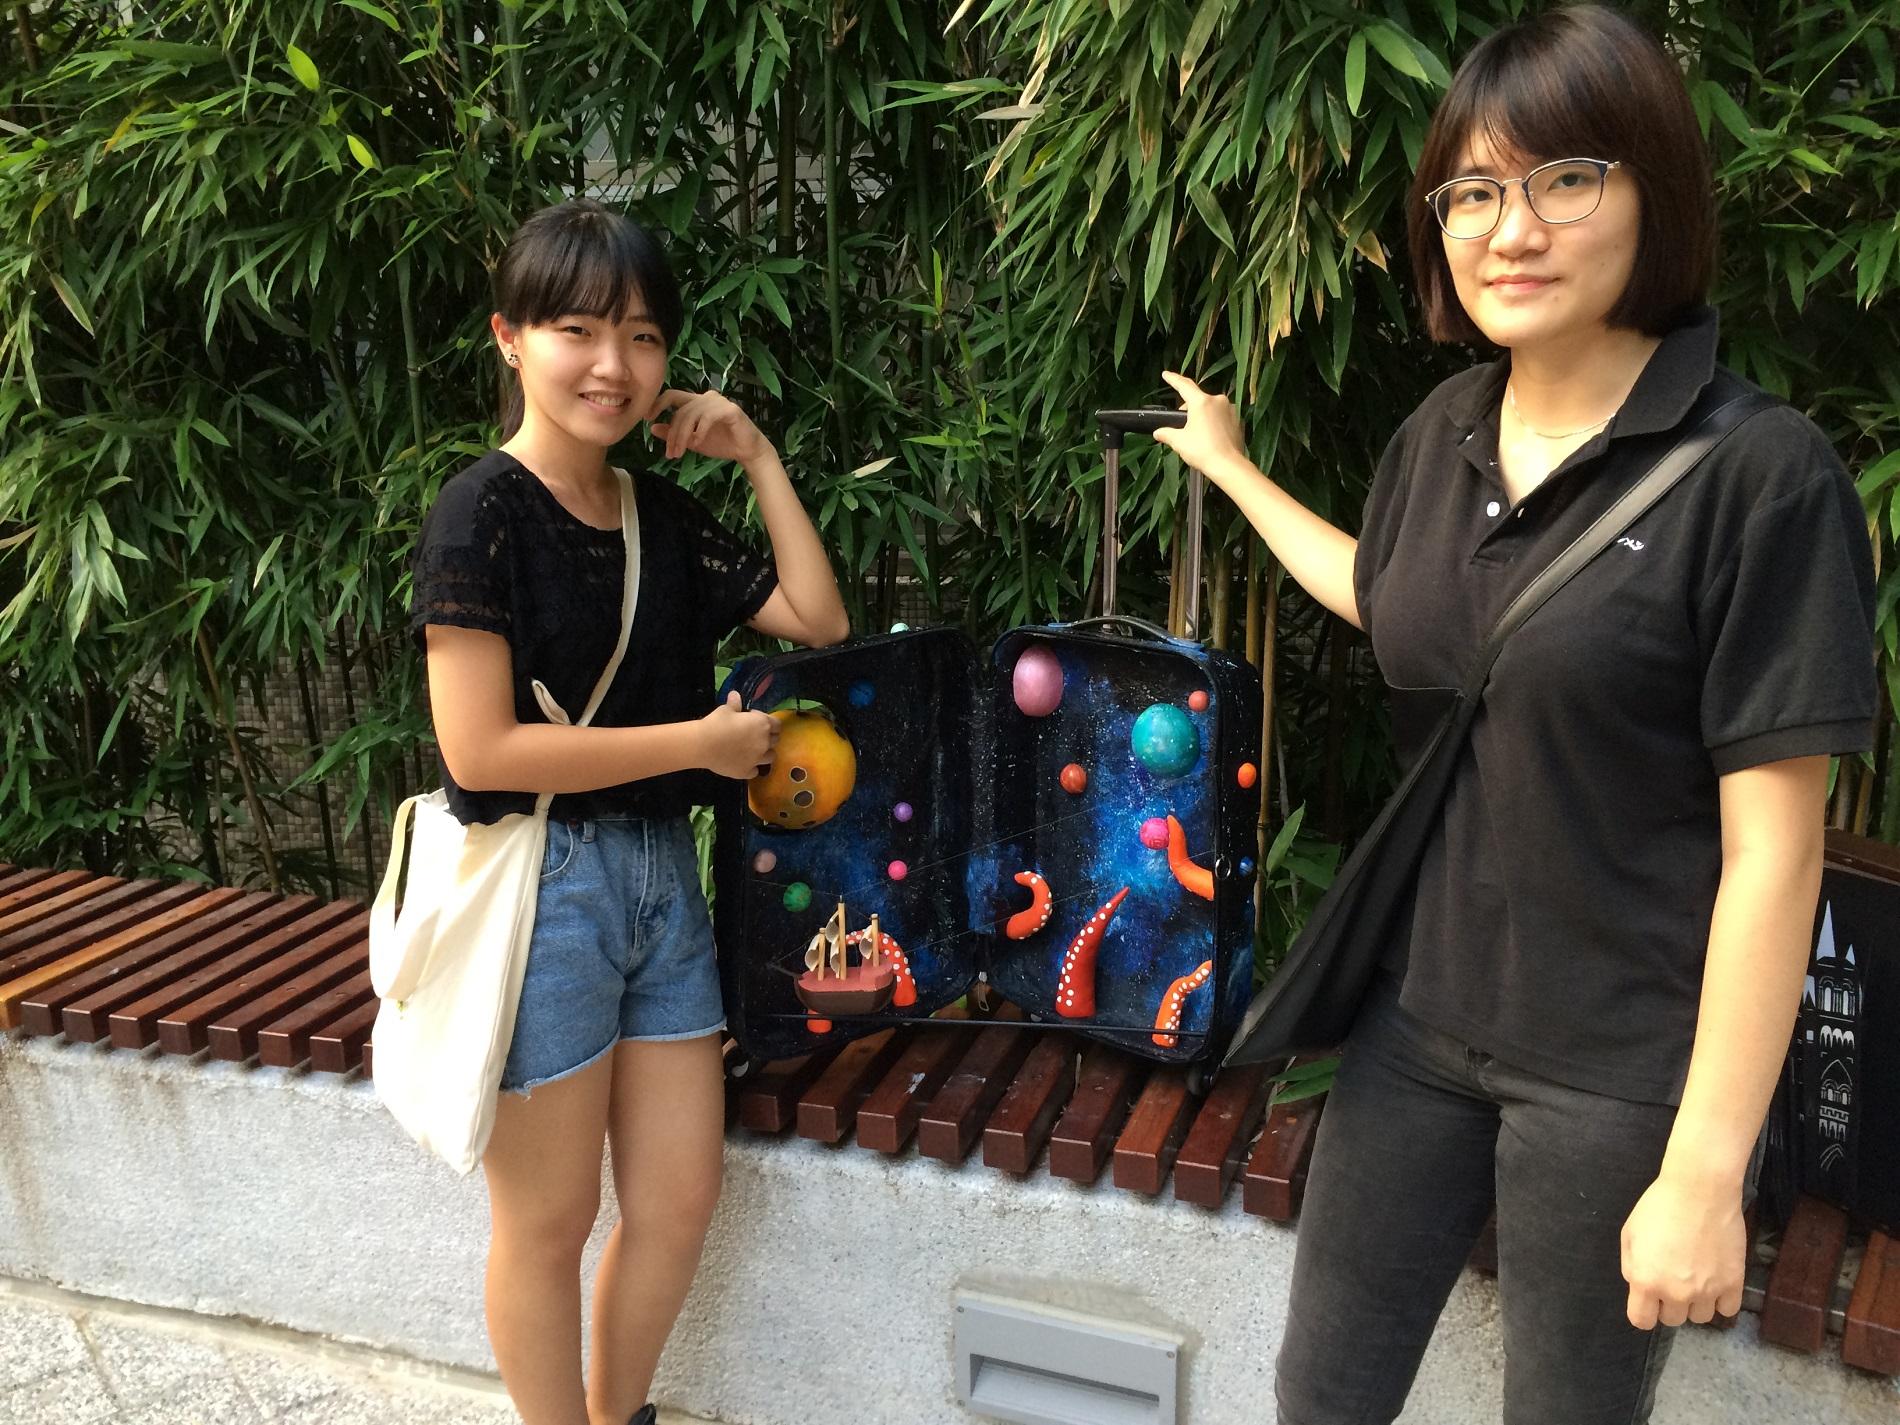 通稿照片3-商設系大一柯佩瑩(左)、蔡旆姍(右)的「帆走過」,靈感來自冒險電影「猩球崛起」。.jpg